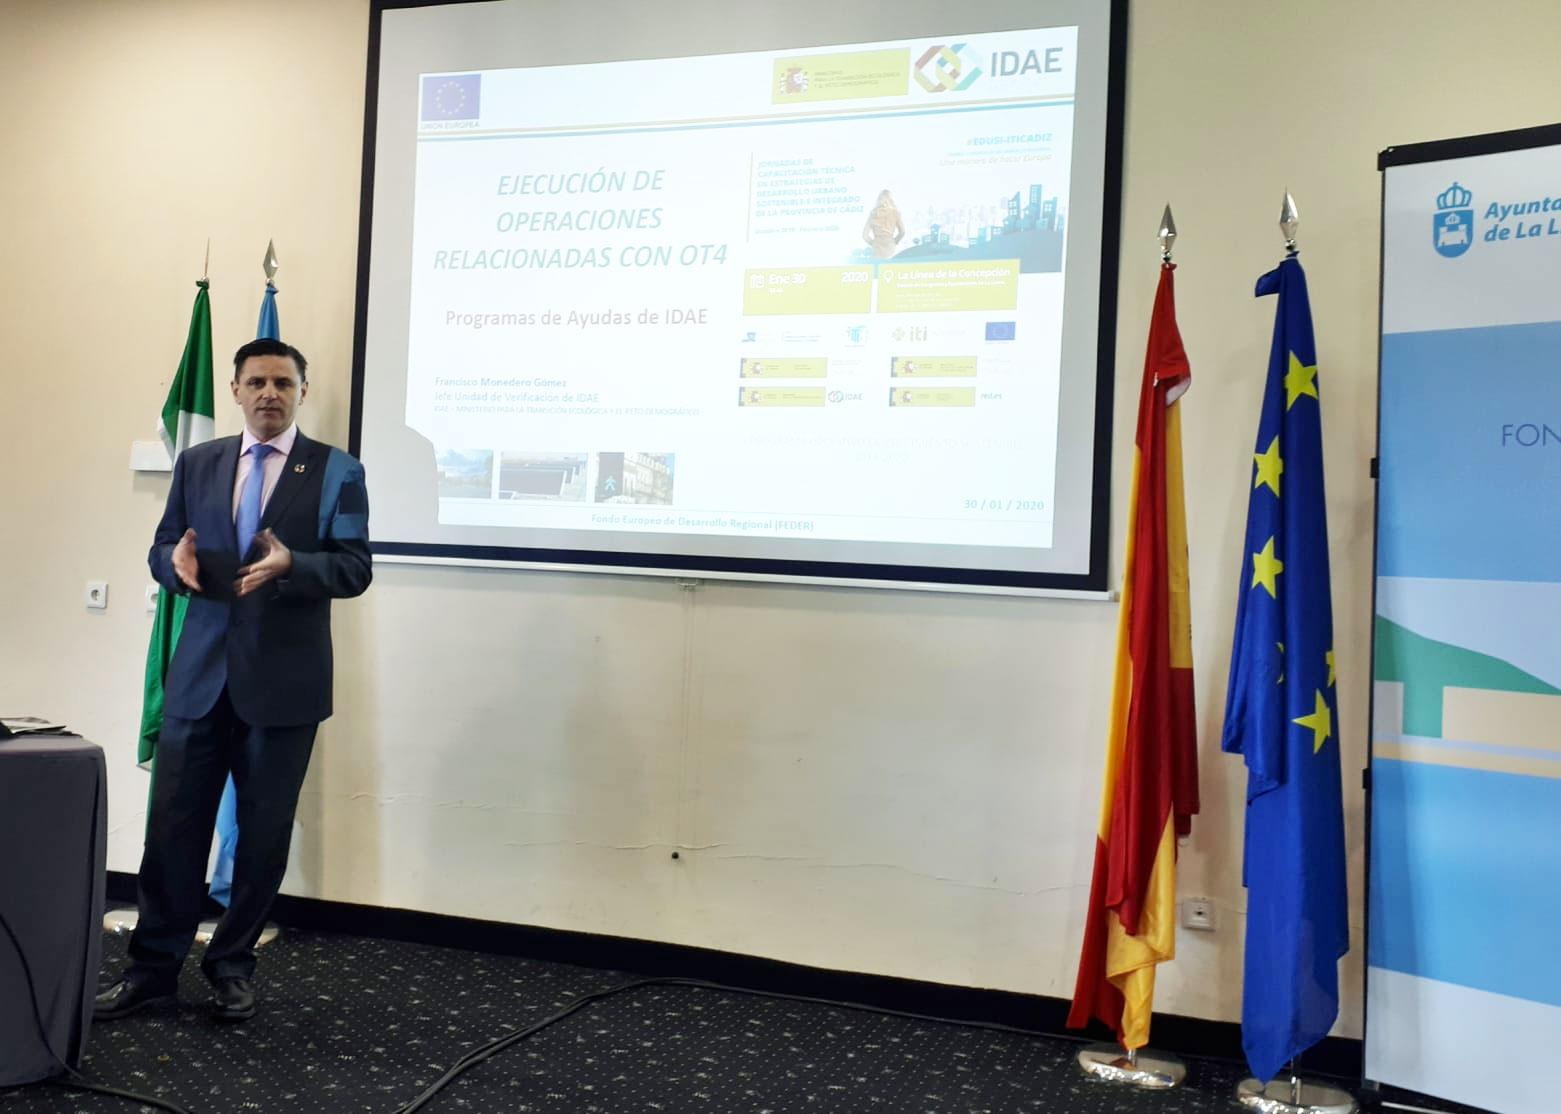 Intervención de Francisco Monedero, Jefe de Verificación del IDAE, en la Jornada de Capacitación Técnica en EDUSIs de La Línea de la Concepción